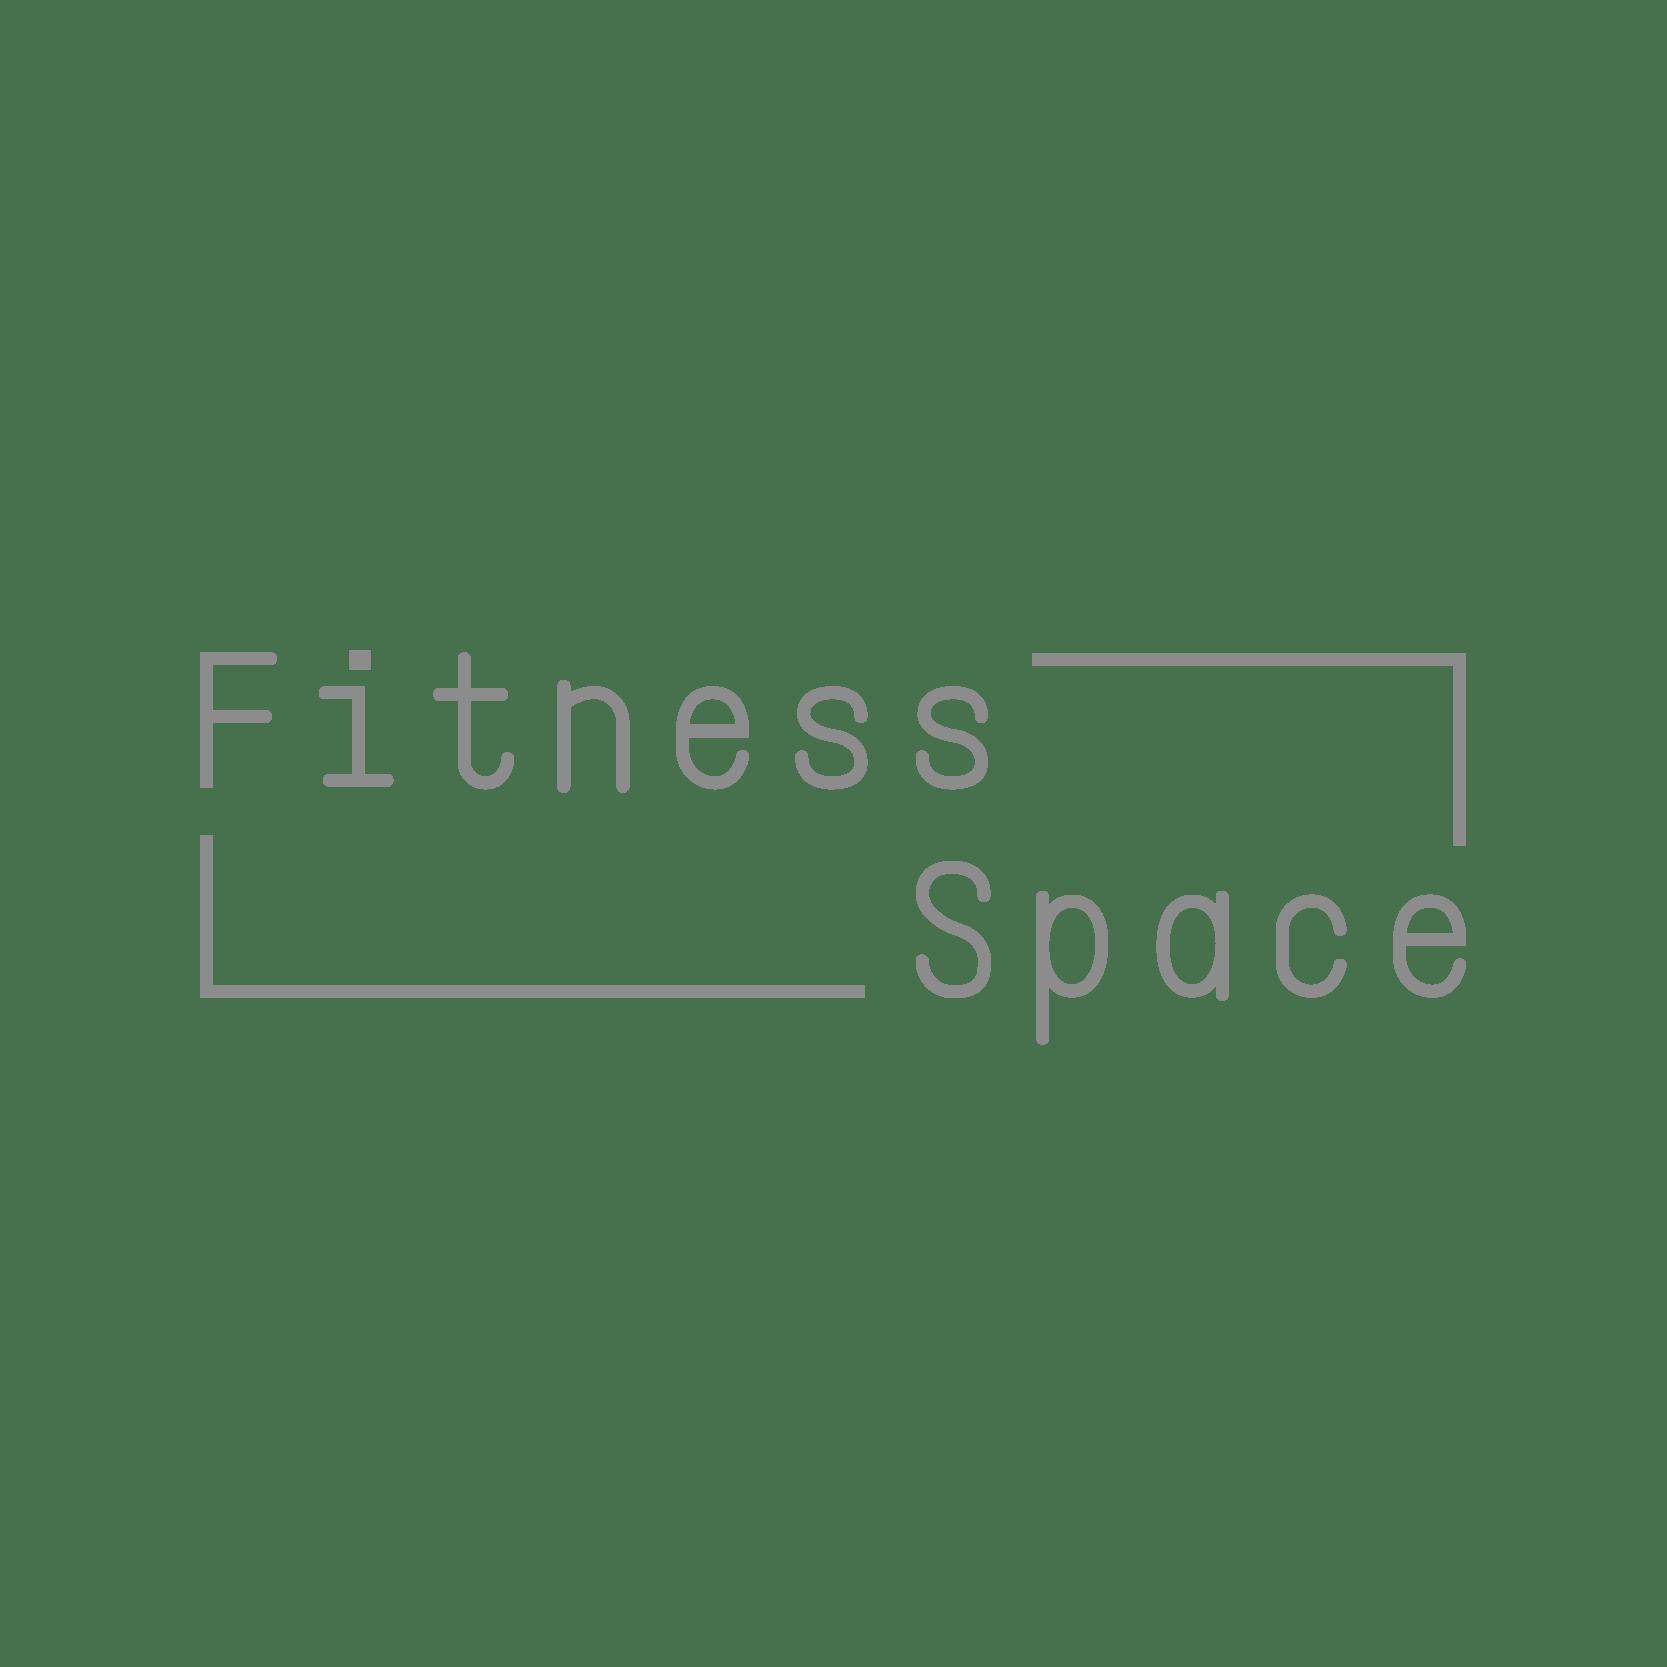 FitnessSpace-01-min